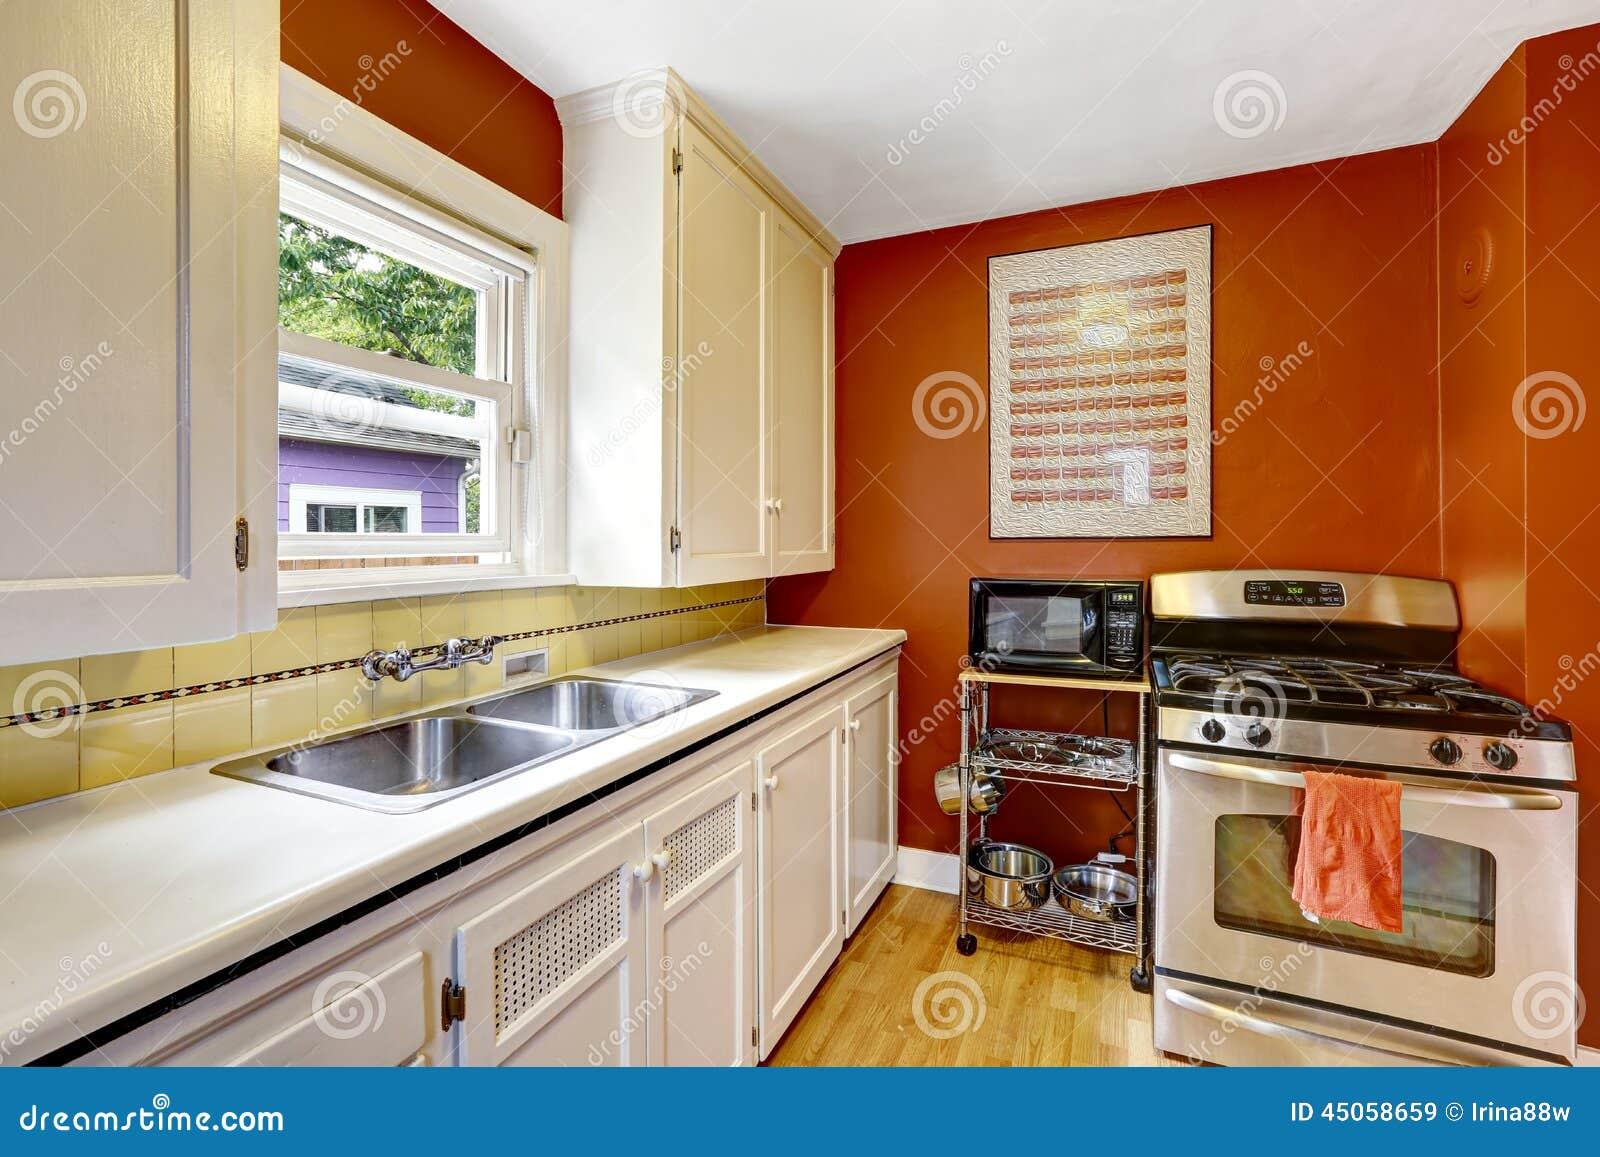 Foto de Stock: Armários de cozinha brancos com a parede vermelha  #B14606 1300 957